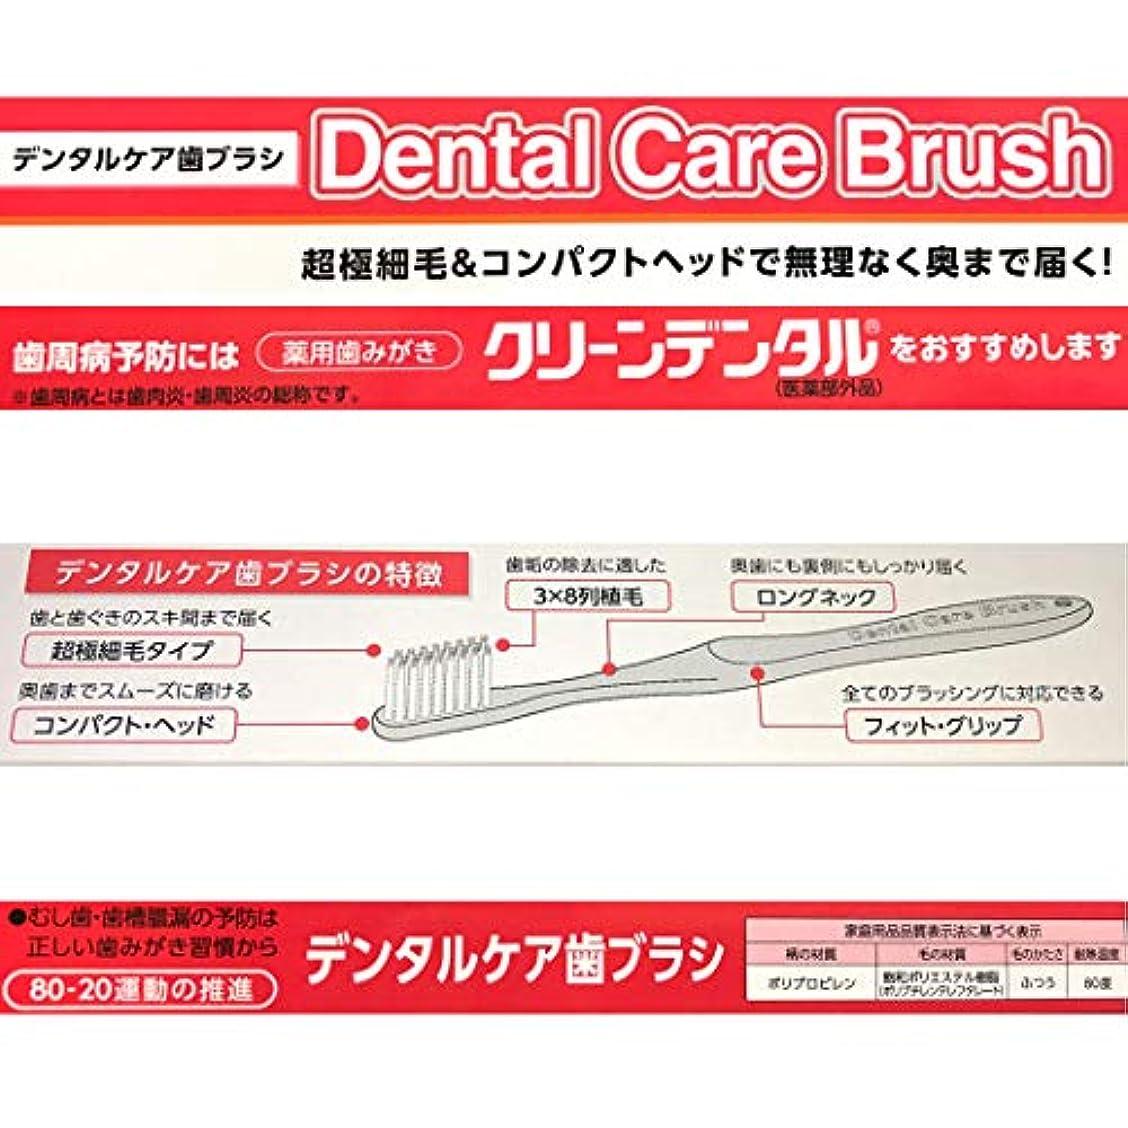 誓う禁止取り組む【数量限定】超極細毛&コンパクトヘッド デンタルケア歯ブラシ (3本)